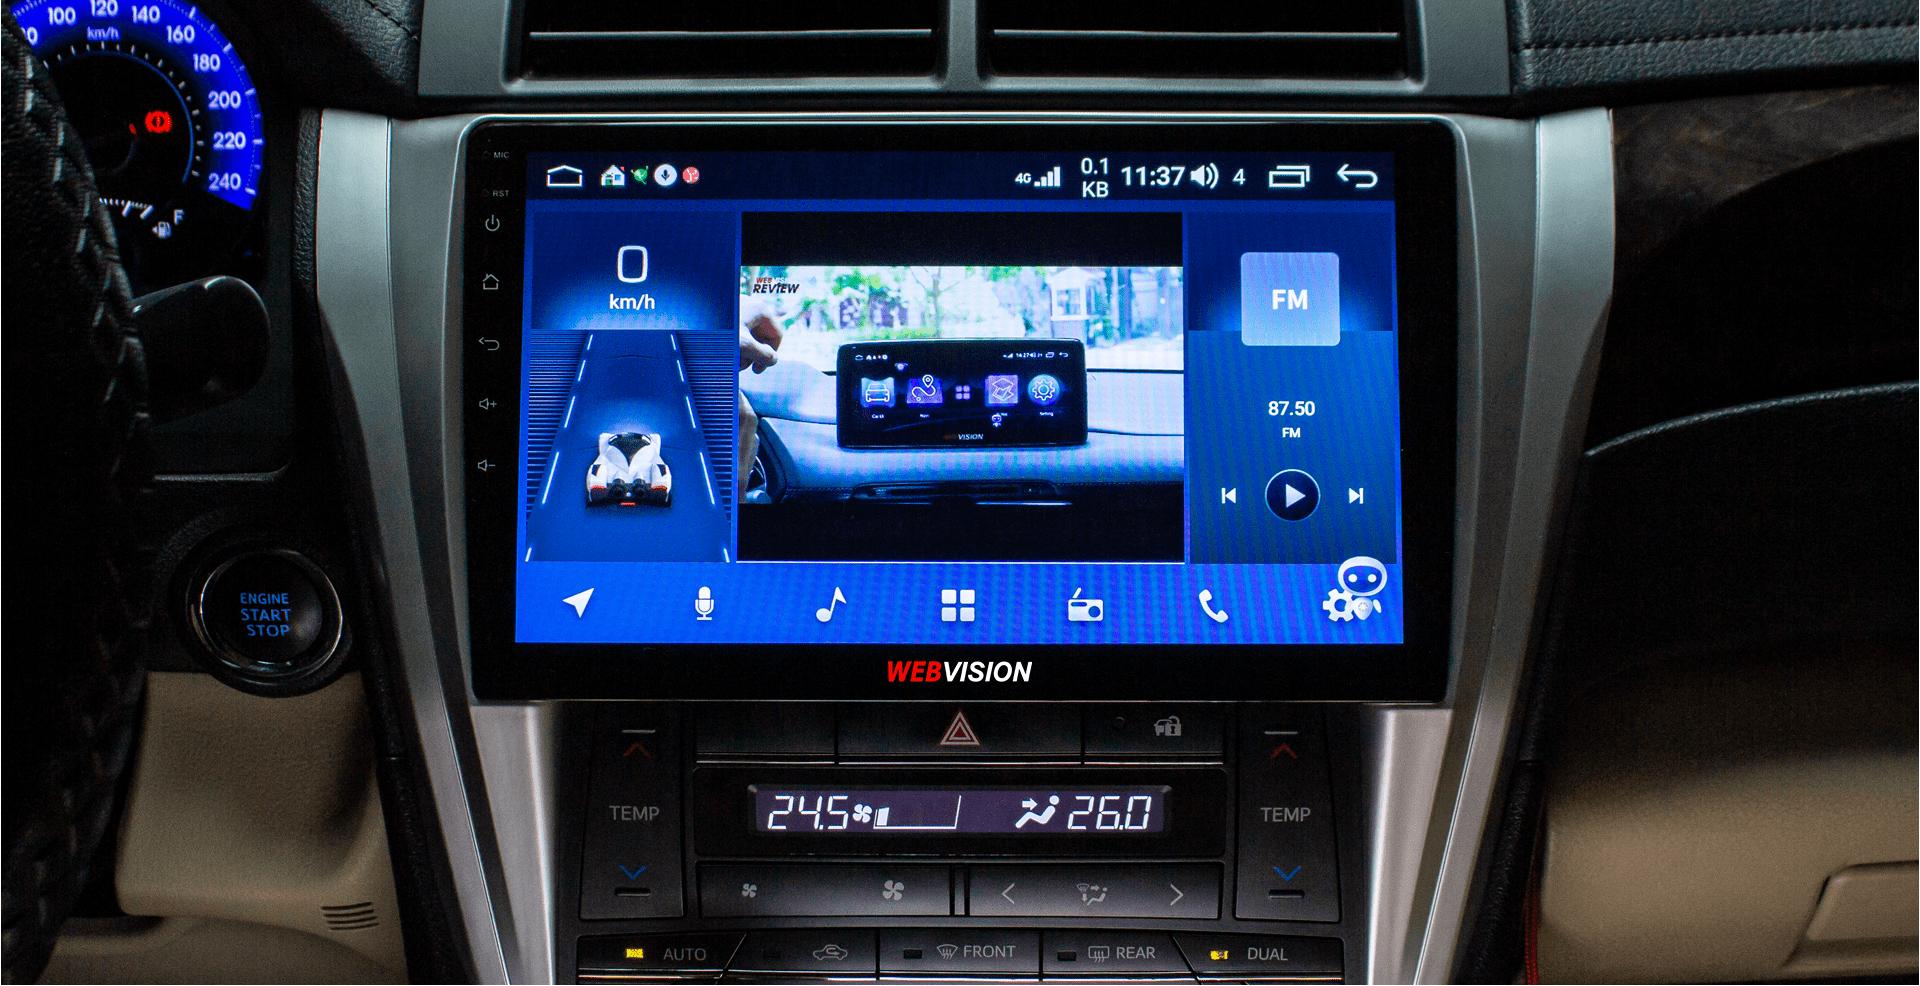 lắp đặt màn hình dvd android webvision chính hãng tại thành nam gps